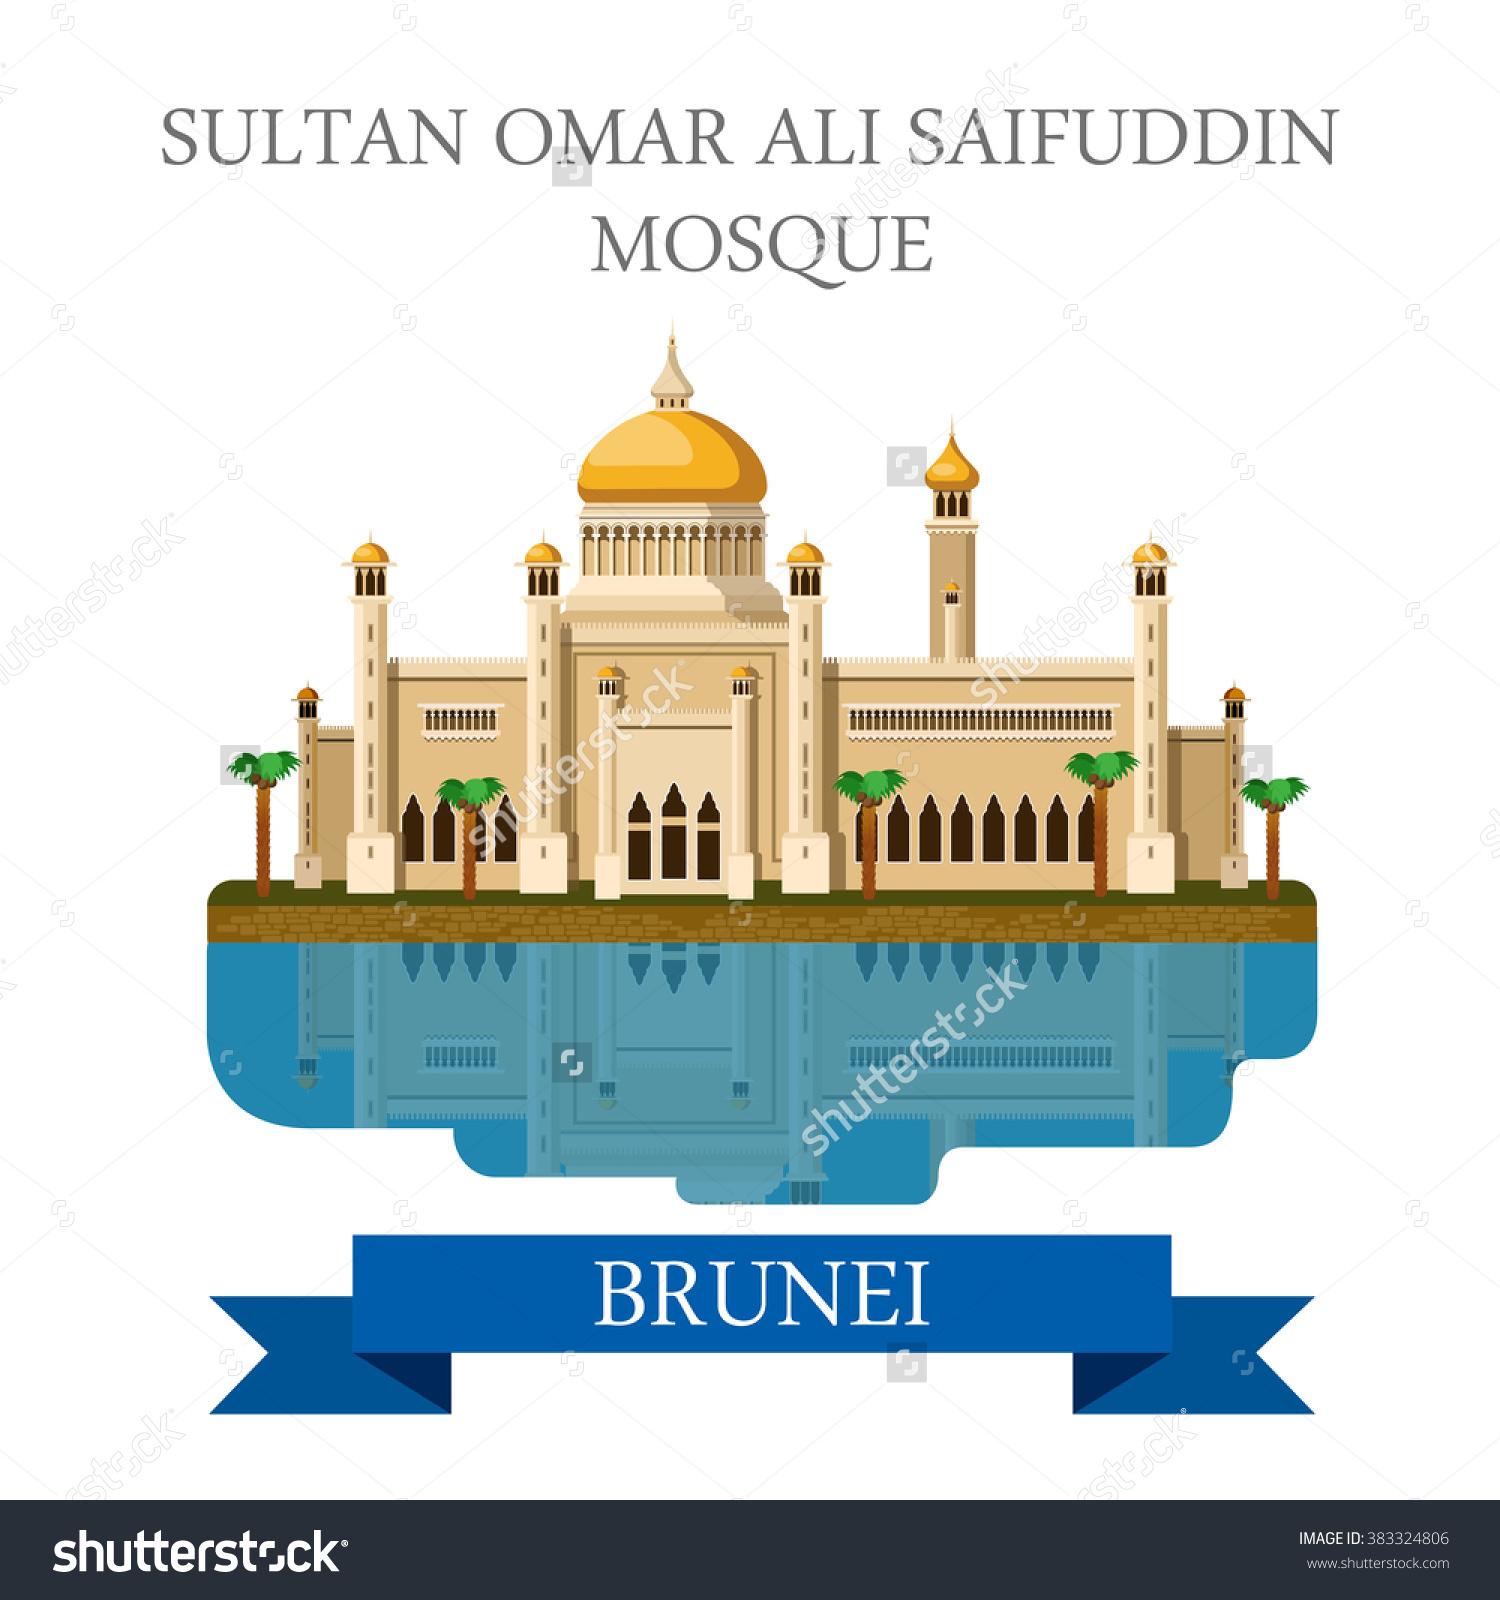 Sultan Omar Ali Saifuddin Mosque Brunei Stock Vector 383324806.